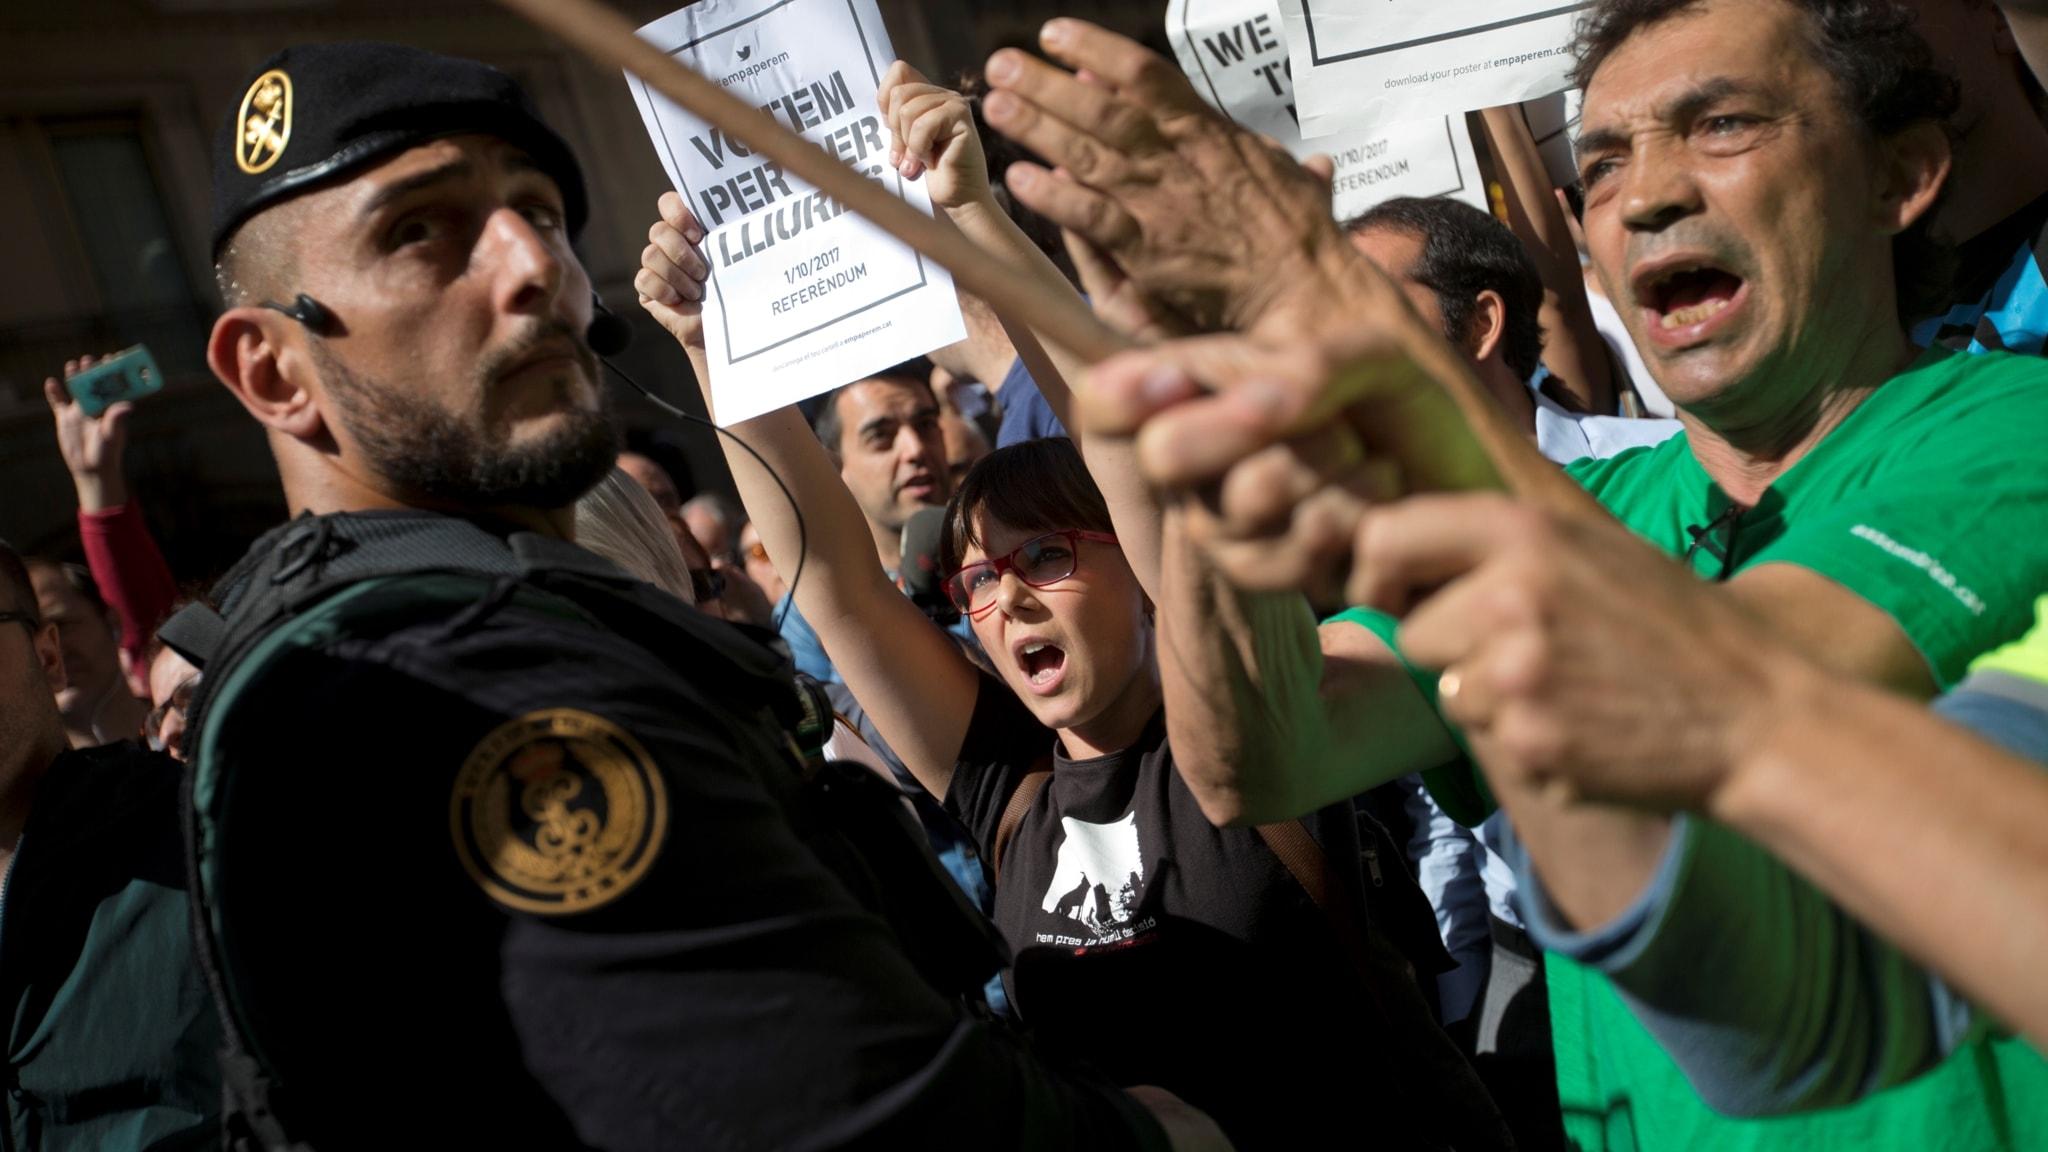 Extrainsatt polis lamnar katalonien